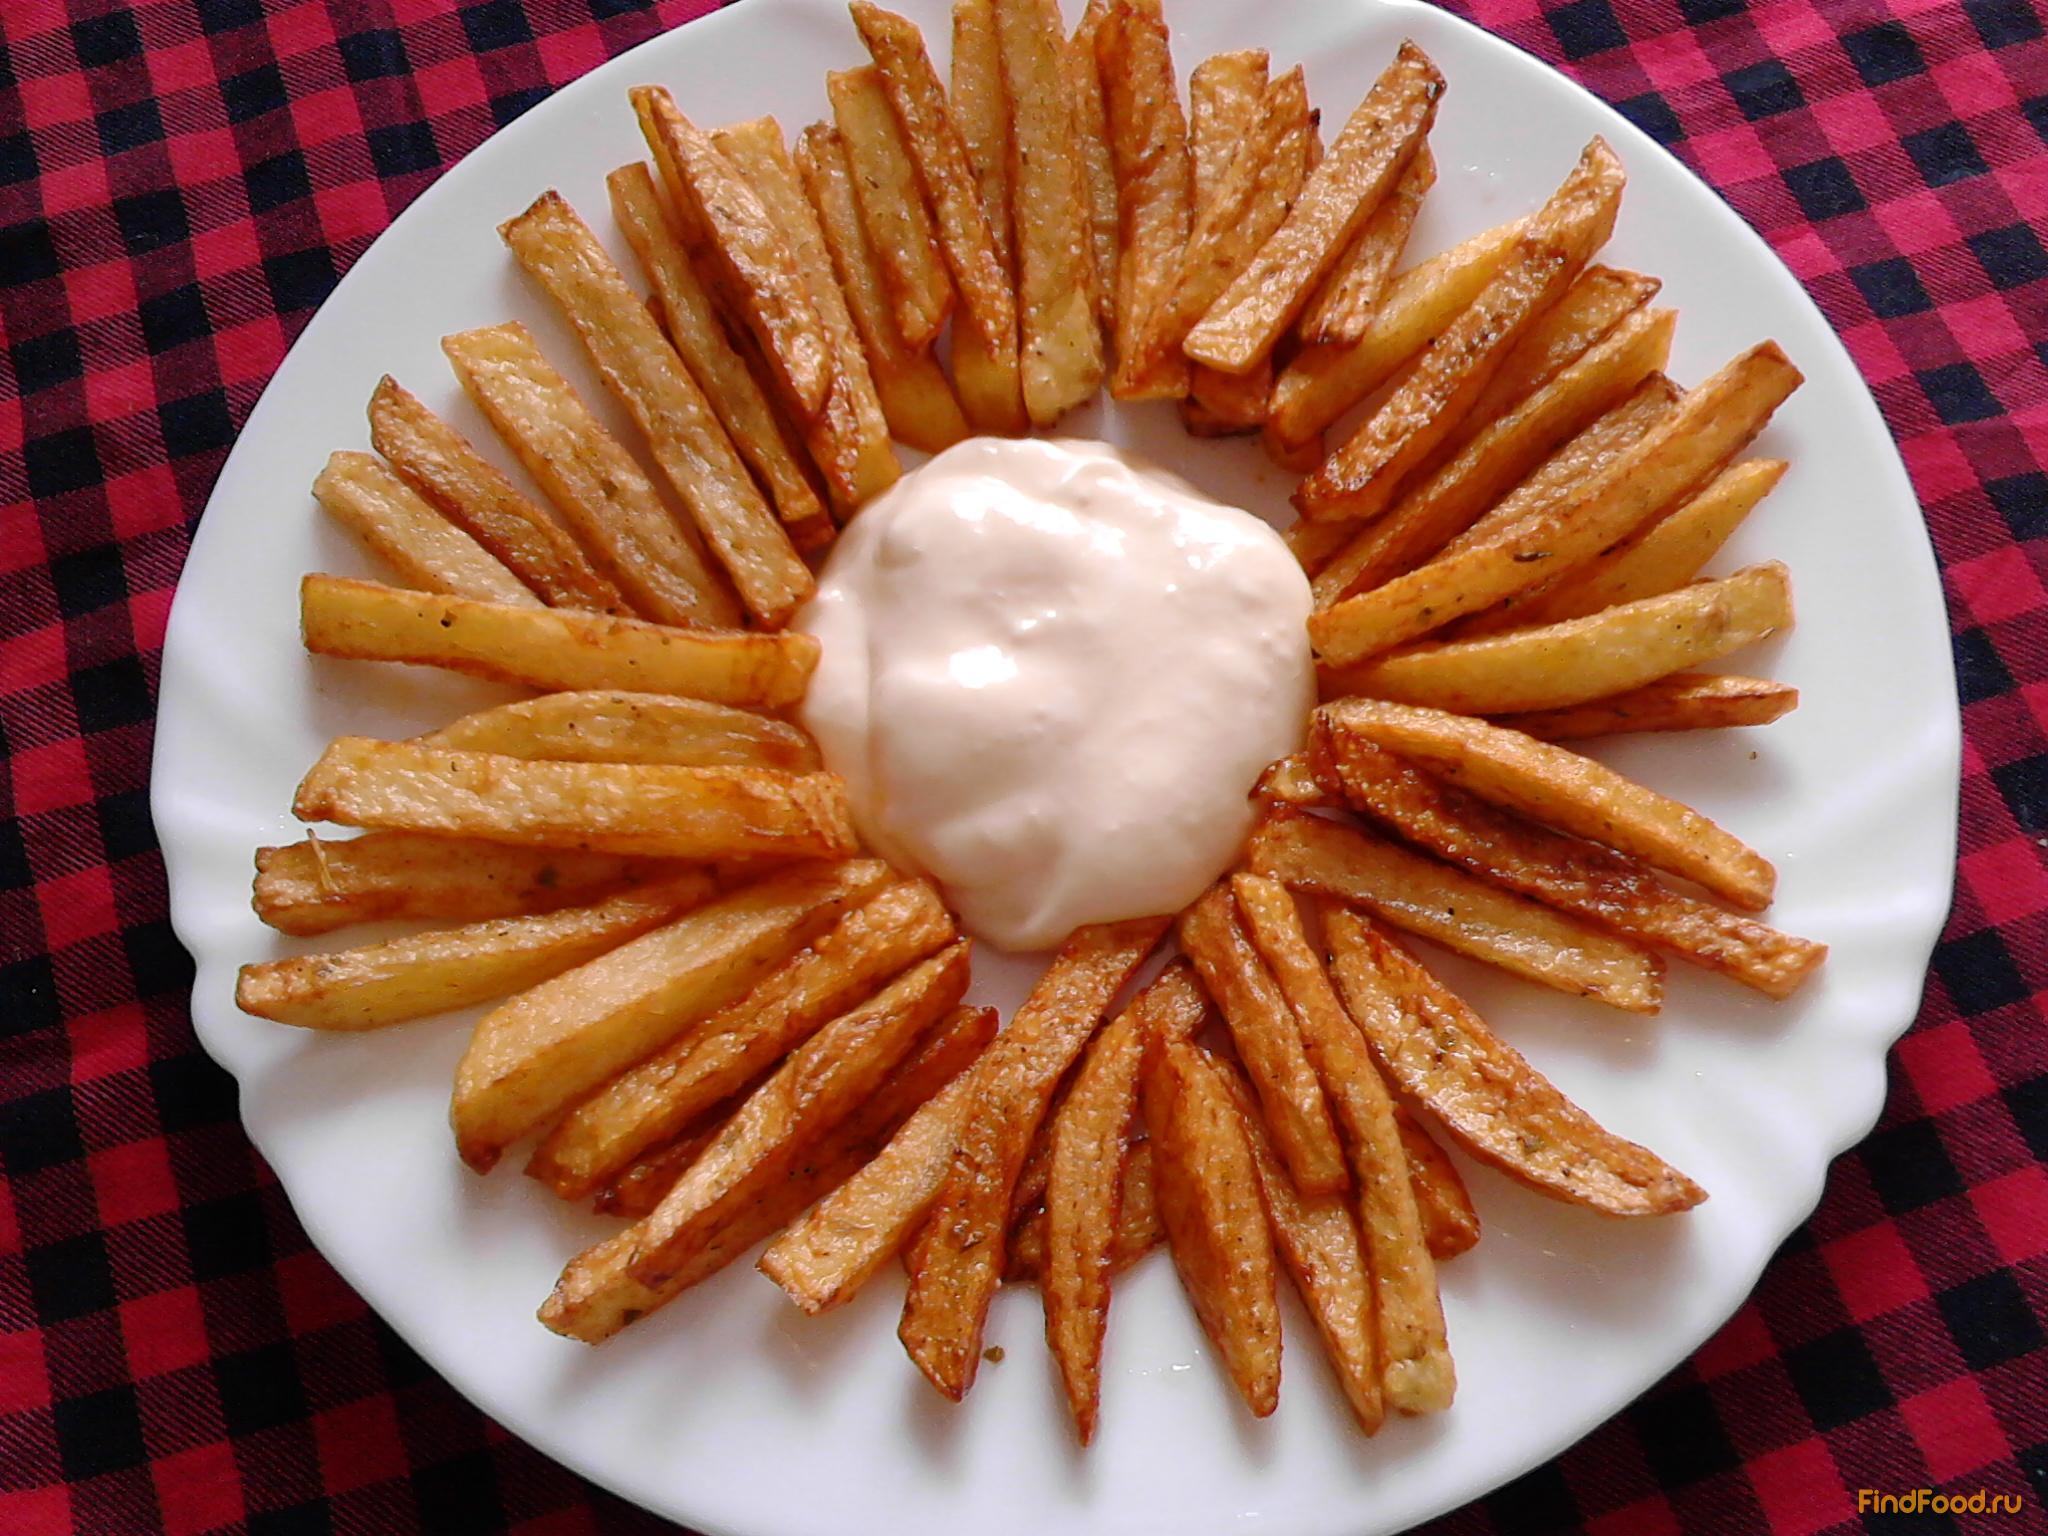 Картофель фри рецепт в домашних условиях